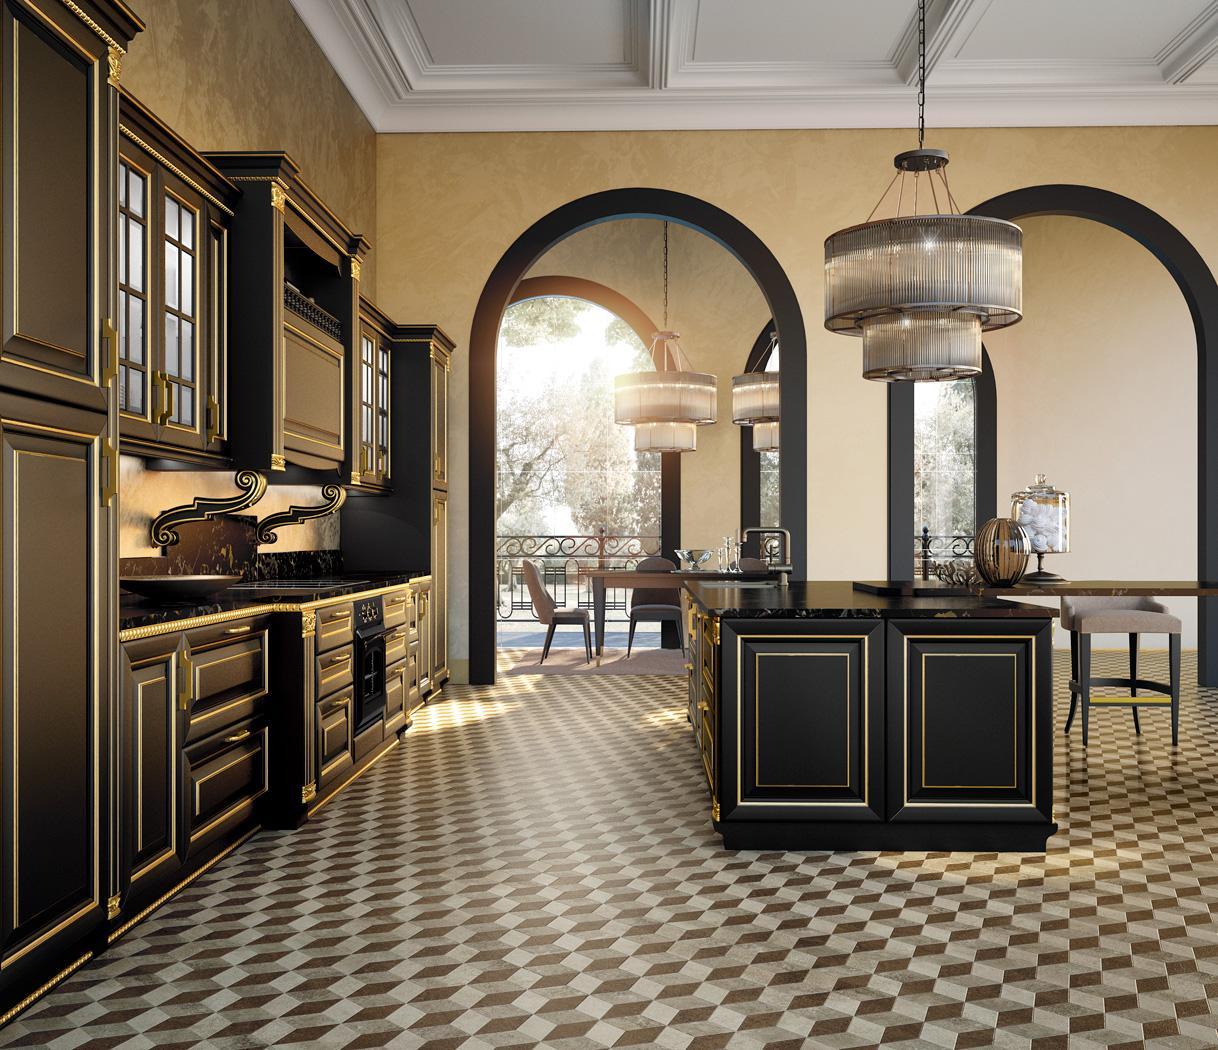 Μαύρη κουζίνα με χρυσή πατίνα σε κλασσικό ύφος